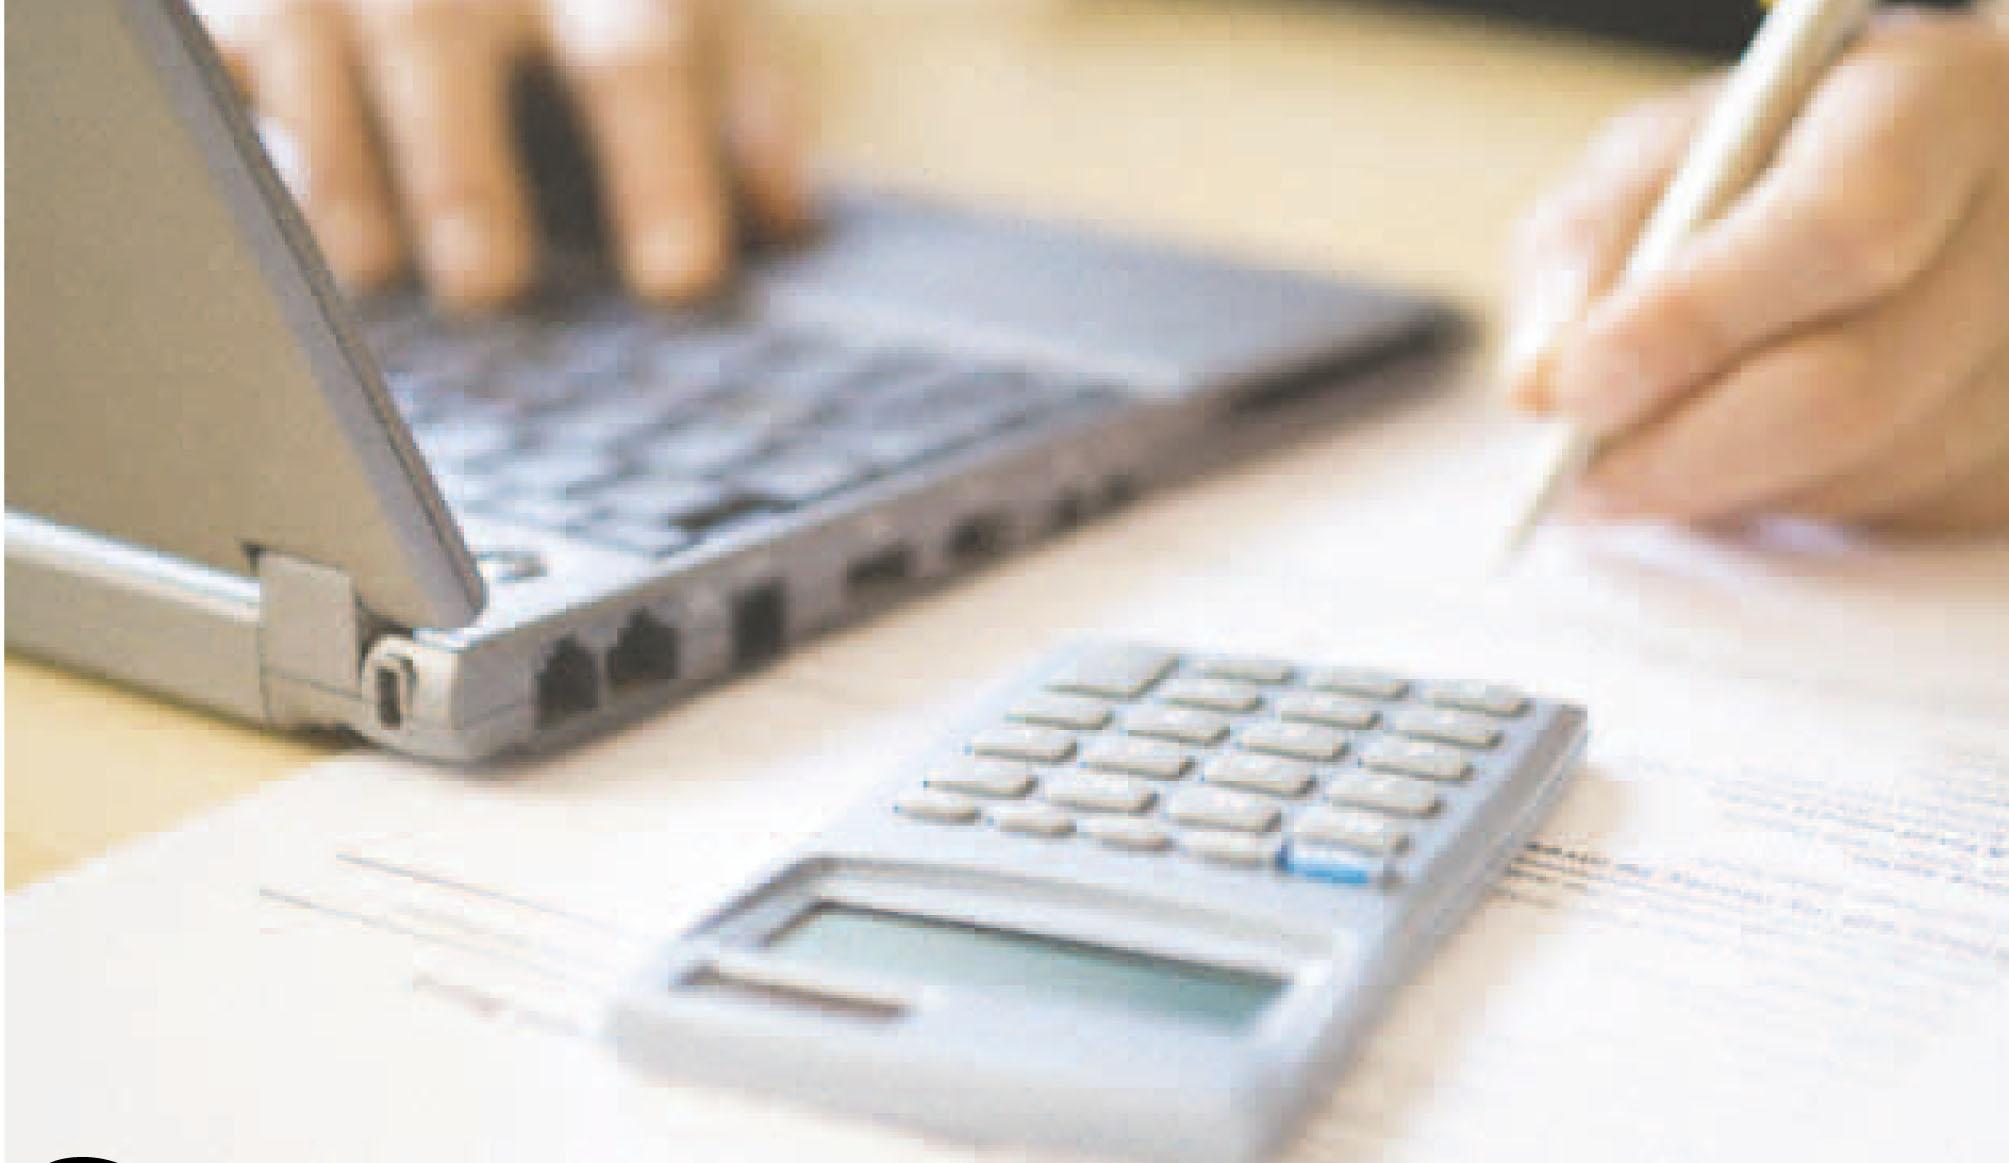 Ноутбук и калькулятор